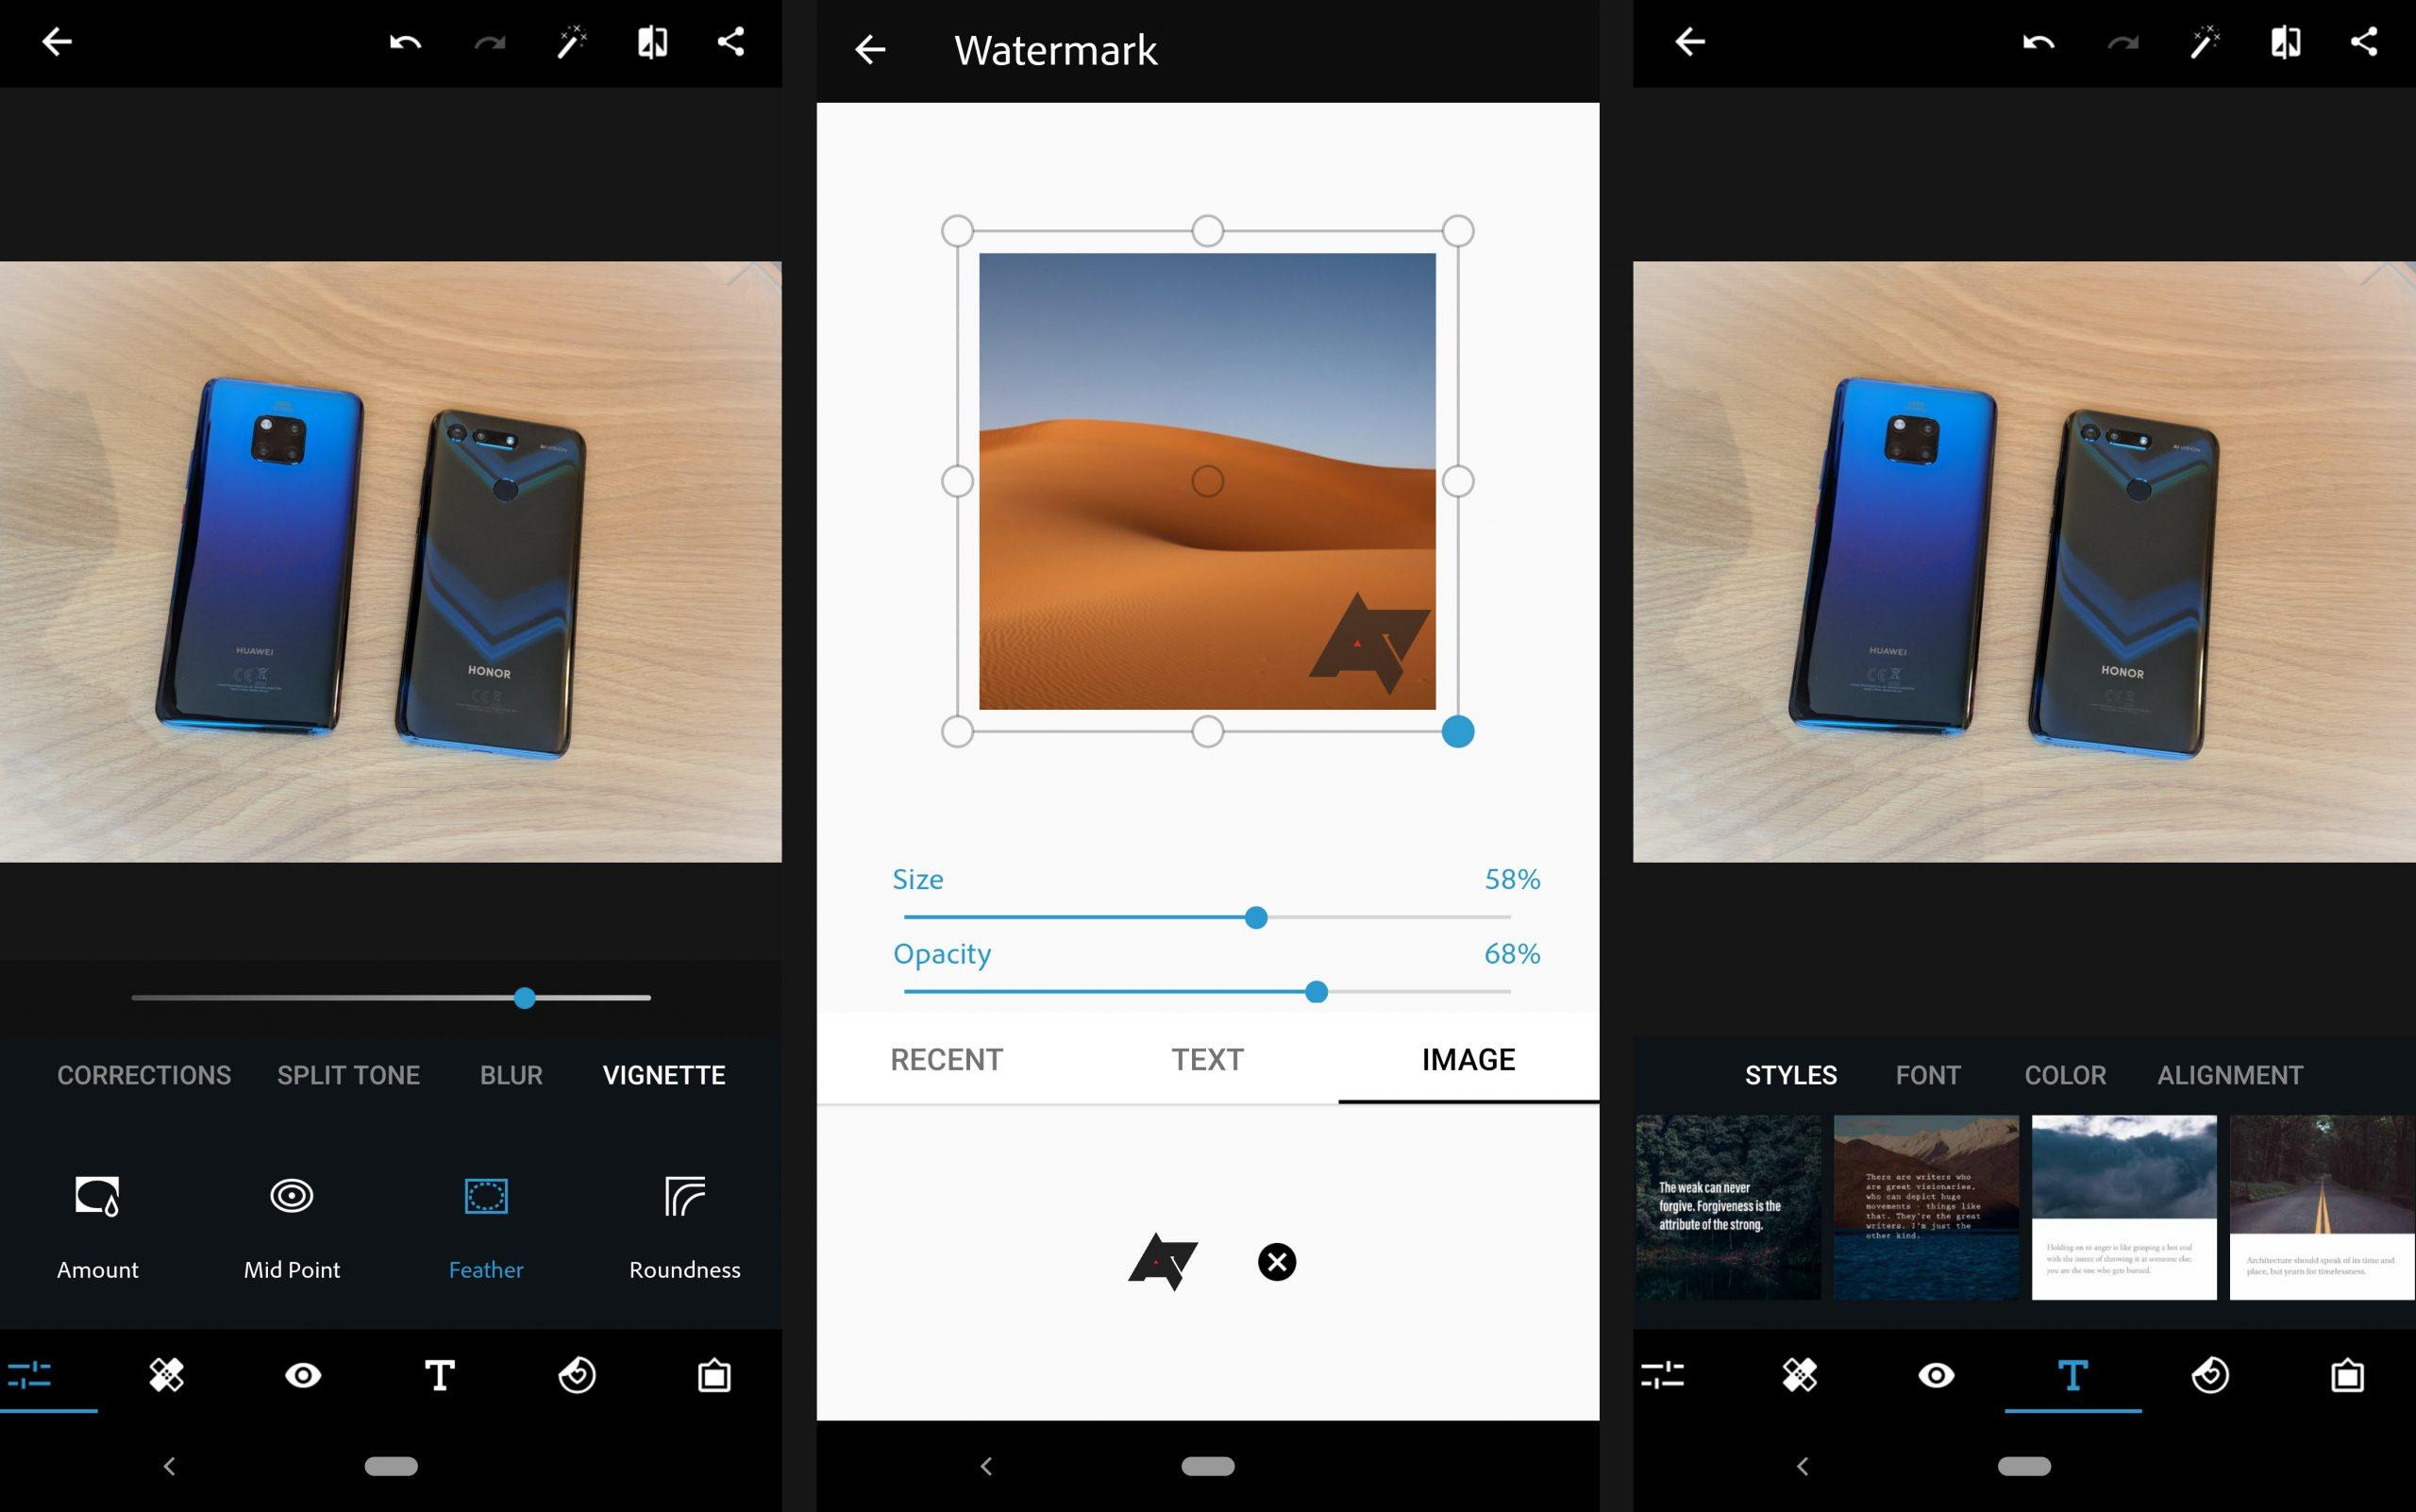 12 phần mềm chỉnh sửa ảnh trên điện thoại iPhone và Android 'vạn người mê' 14